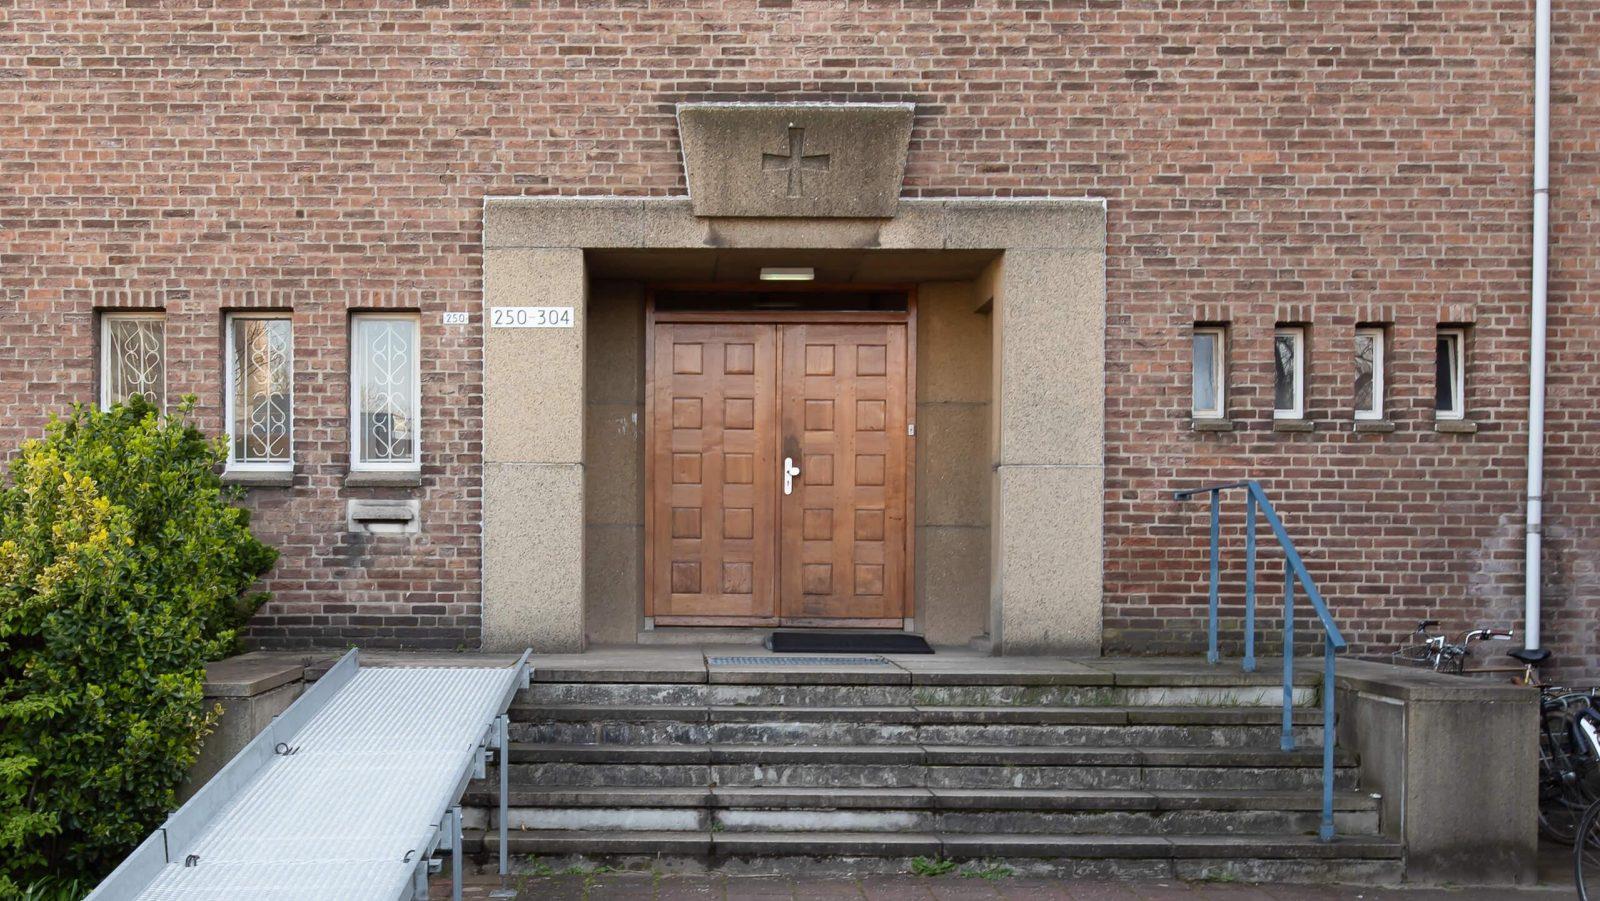 2021 Marlies Lageweg SPWR klooster4 Regina Pacis